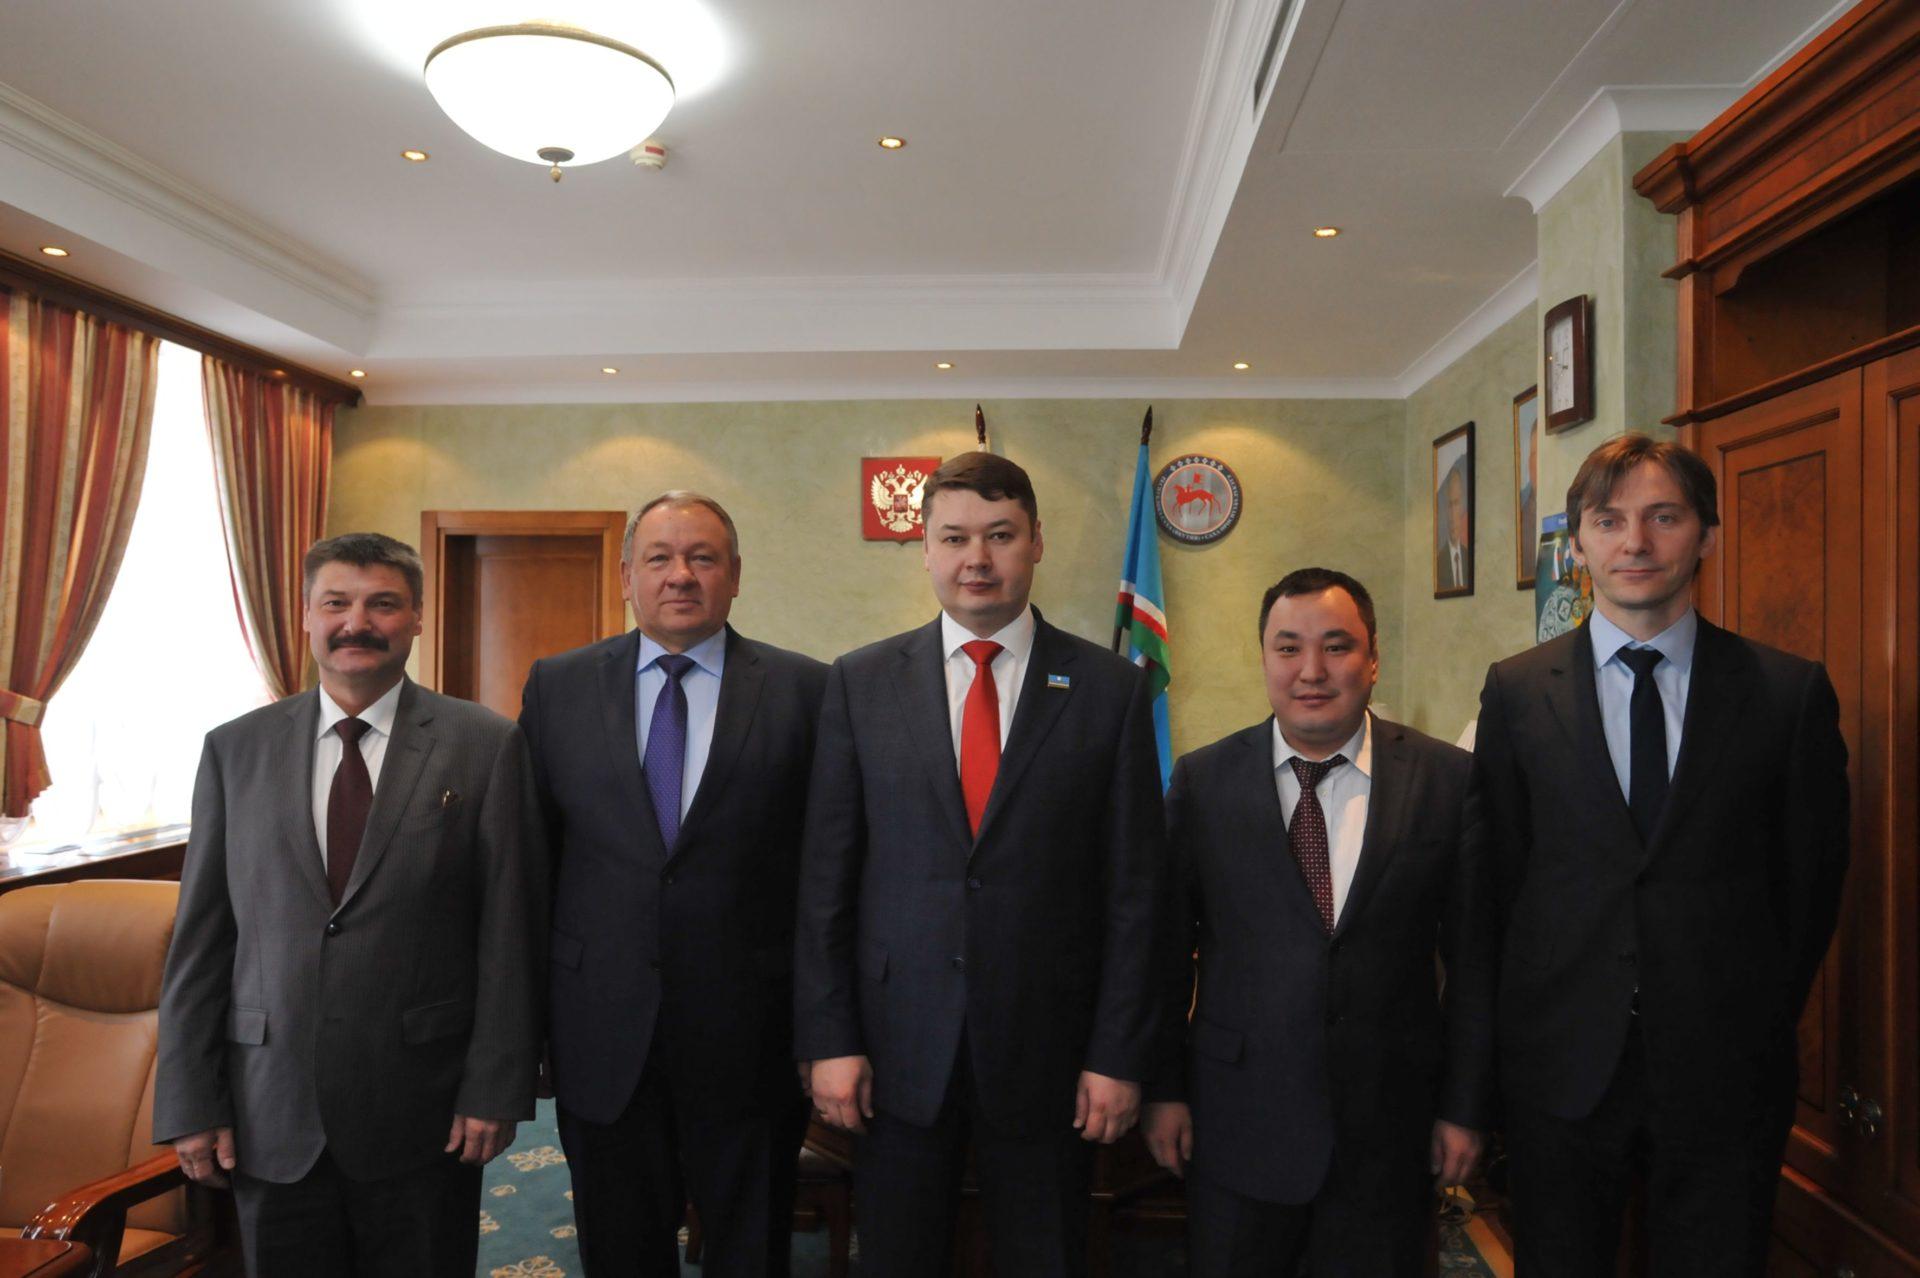 Вопросы развития железнодорожного транспорта рассмотрены у Председателя Правительства Республики Саха (Якутия) Евгения Чекина.